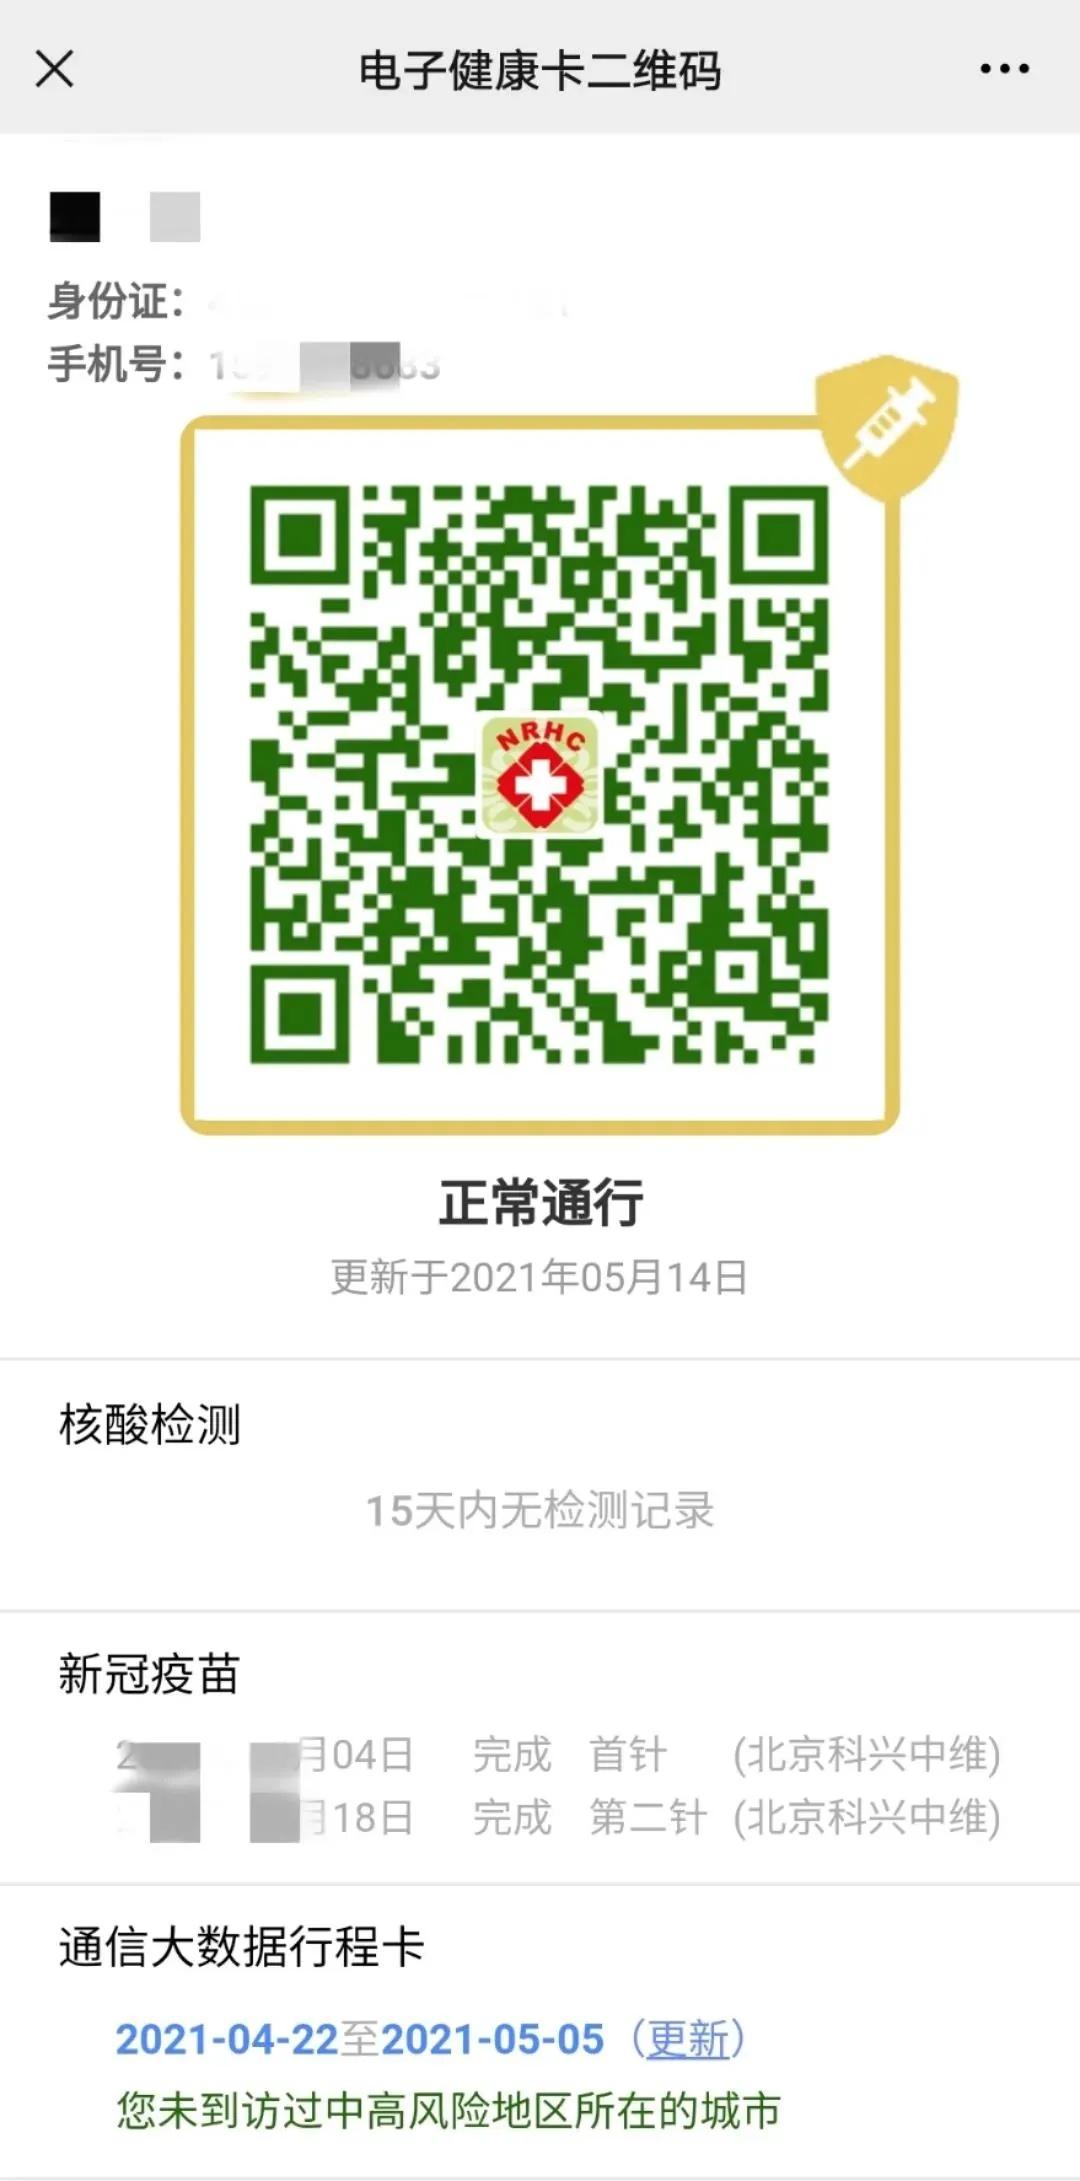 郑州聊吧-多名感染者有个共同特点!钟南山、张伯礼紧急呼吁(7)